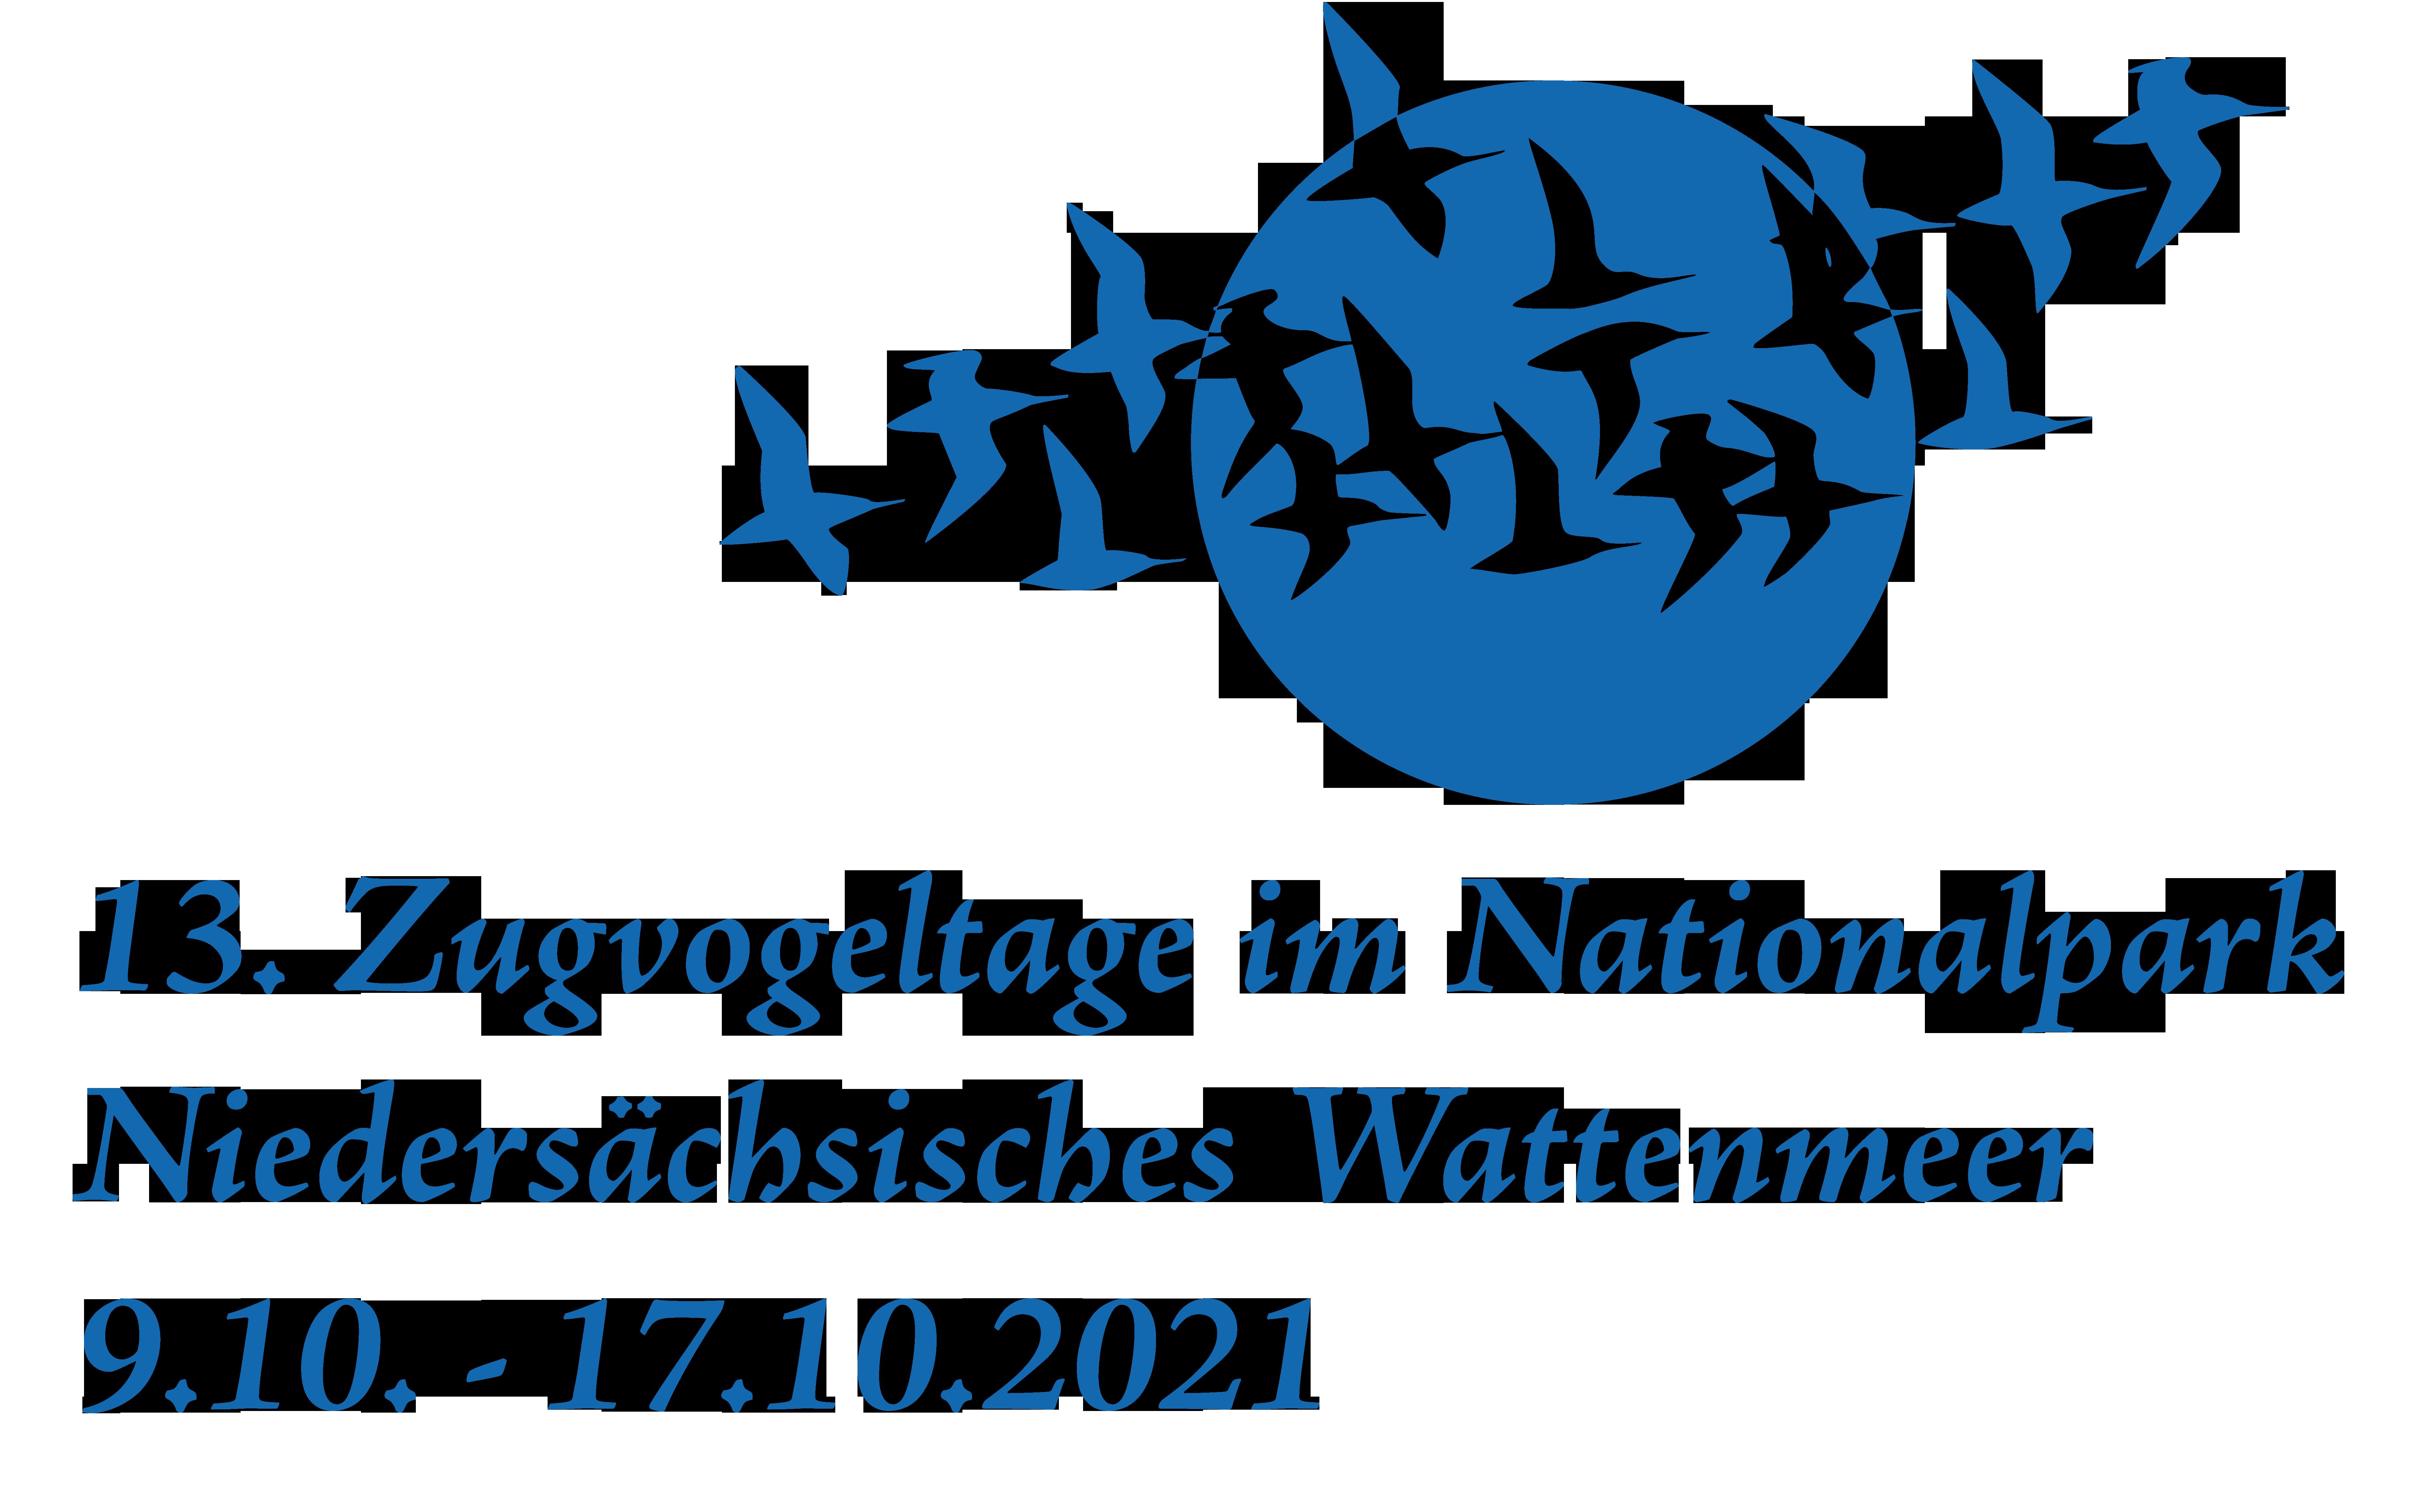 Logo 13. Zugvogeltage